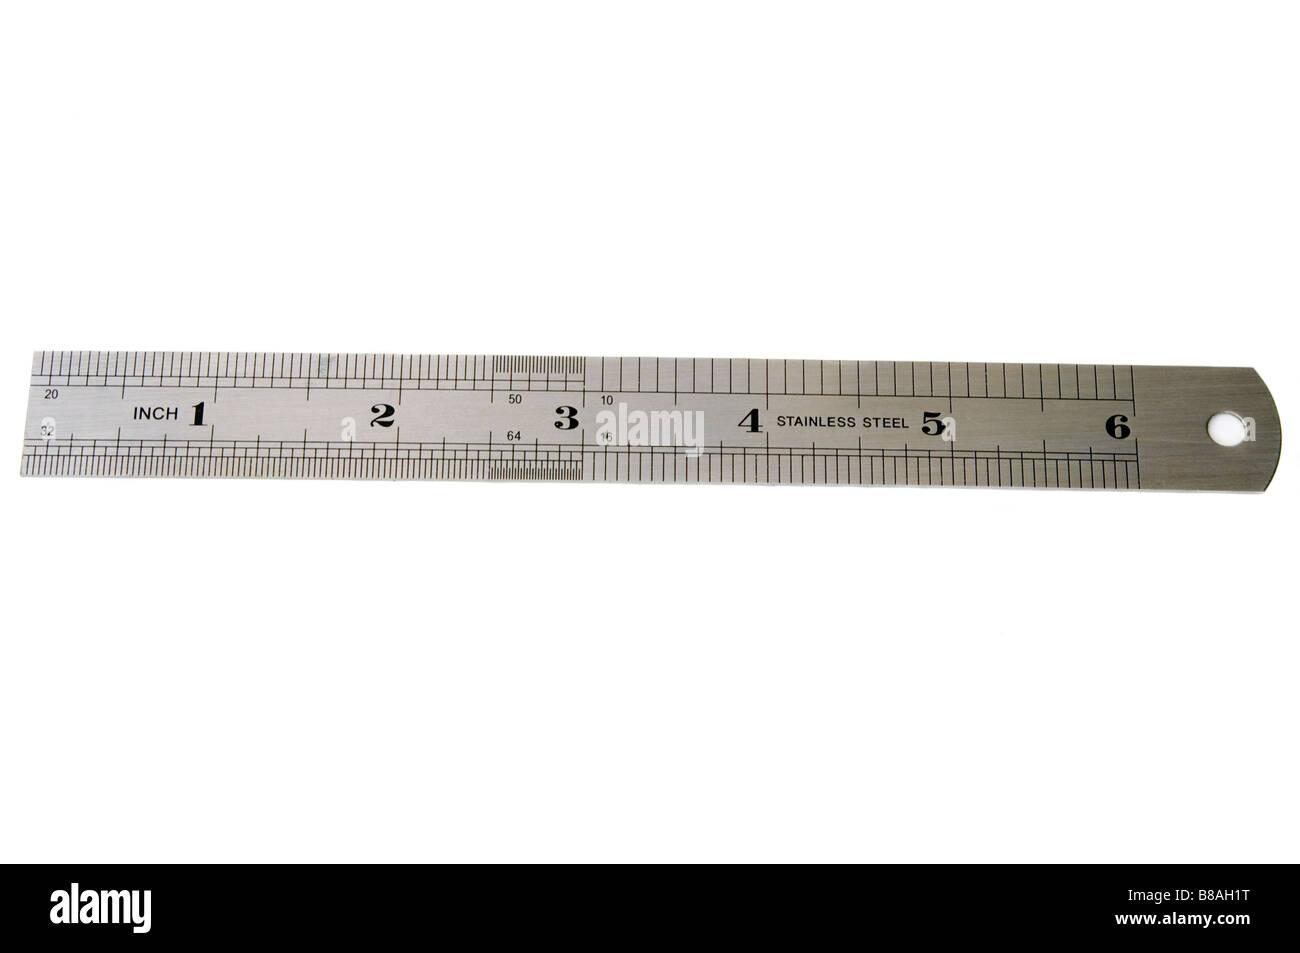 Metal Ruler Cut Out Stock Photos & Metal Ruler Cut Out Stock ...